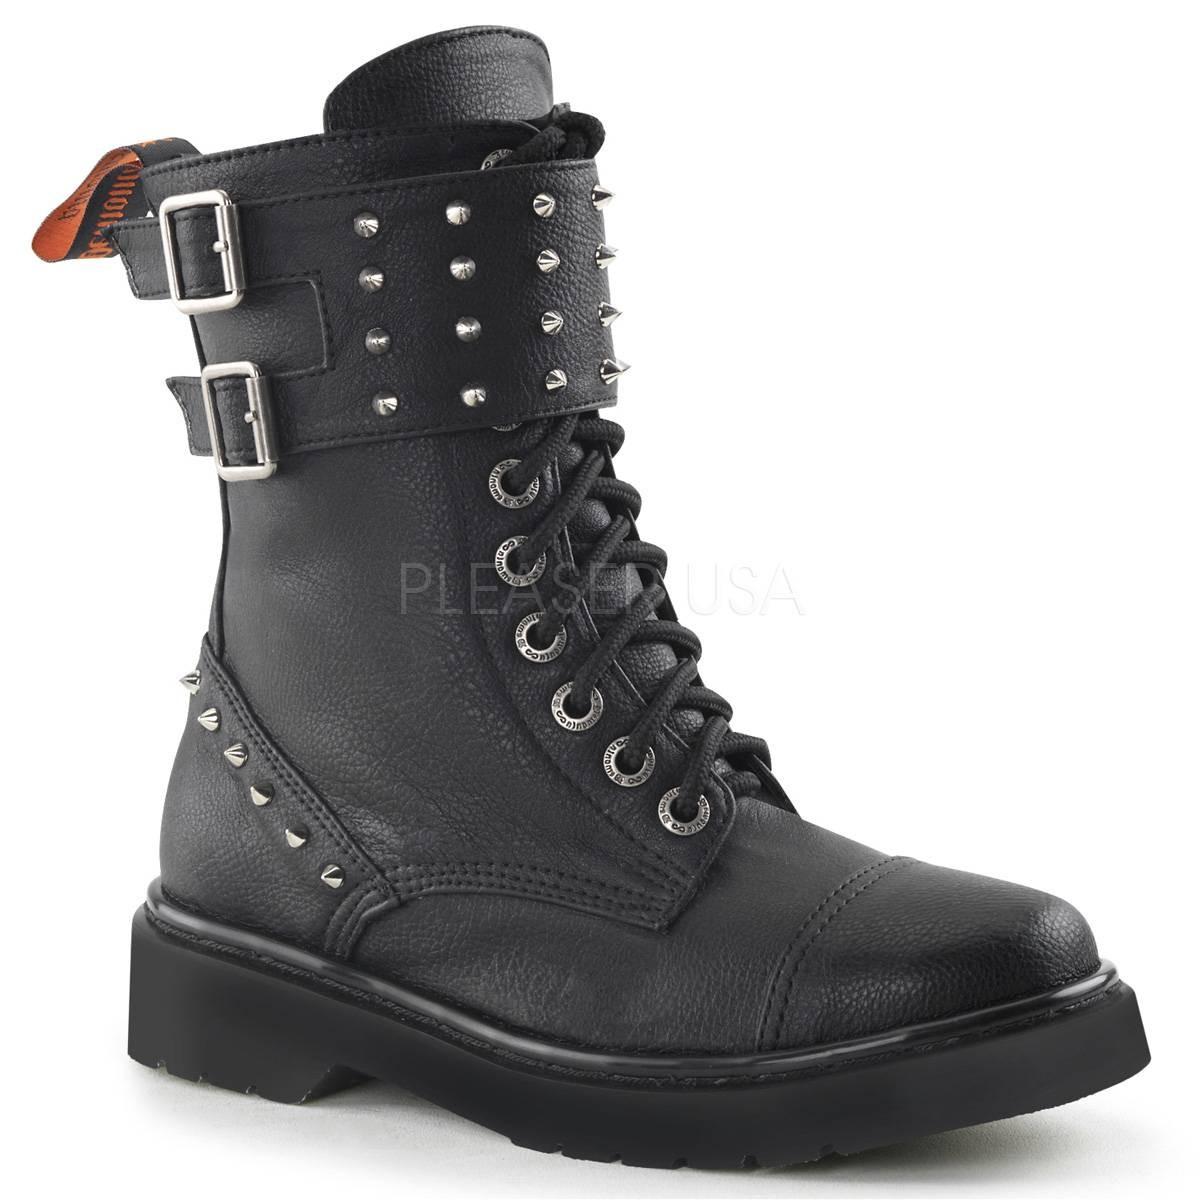 Stiefel für Frauen - RIVAL 309 ° Damen Combat Boots ° Schwarz Matt ° Demonia  - Onlineshop RedSixty